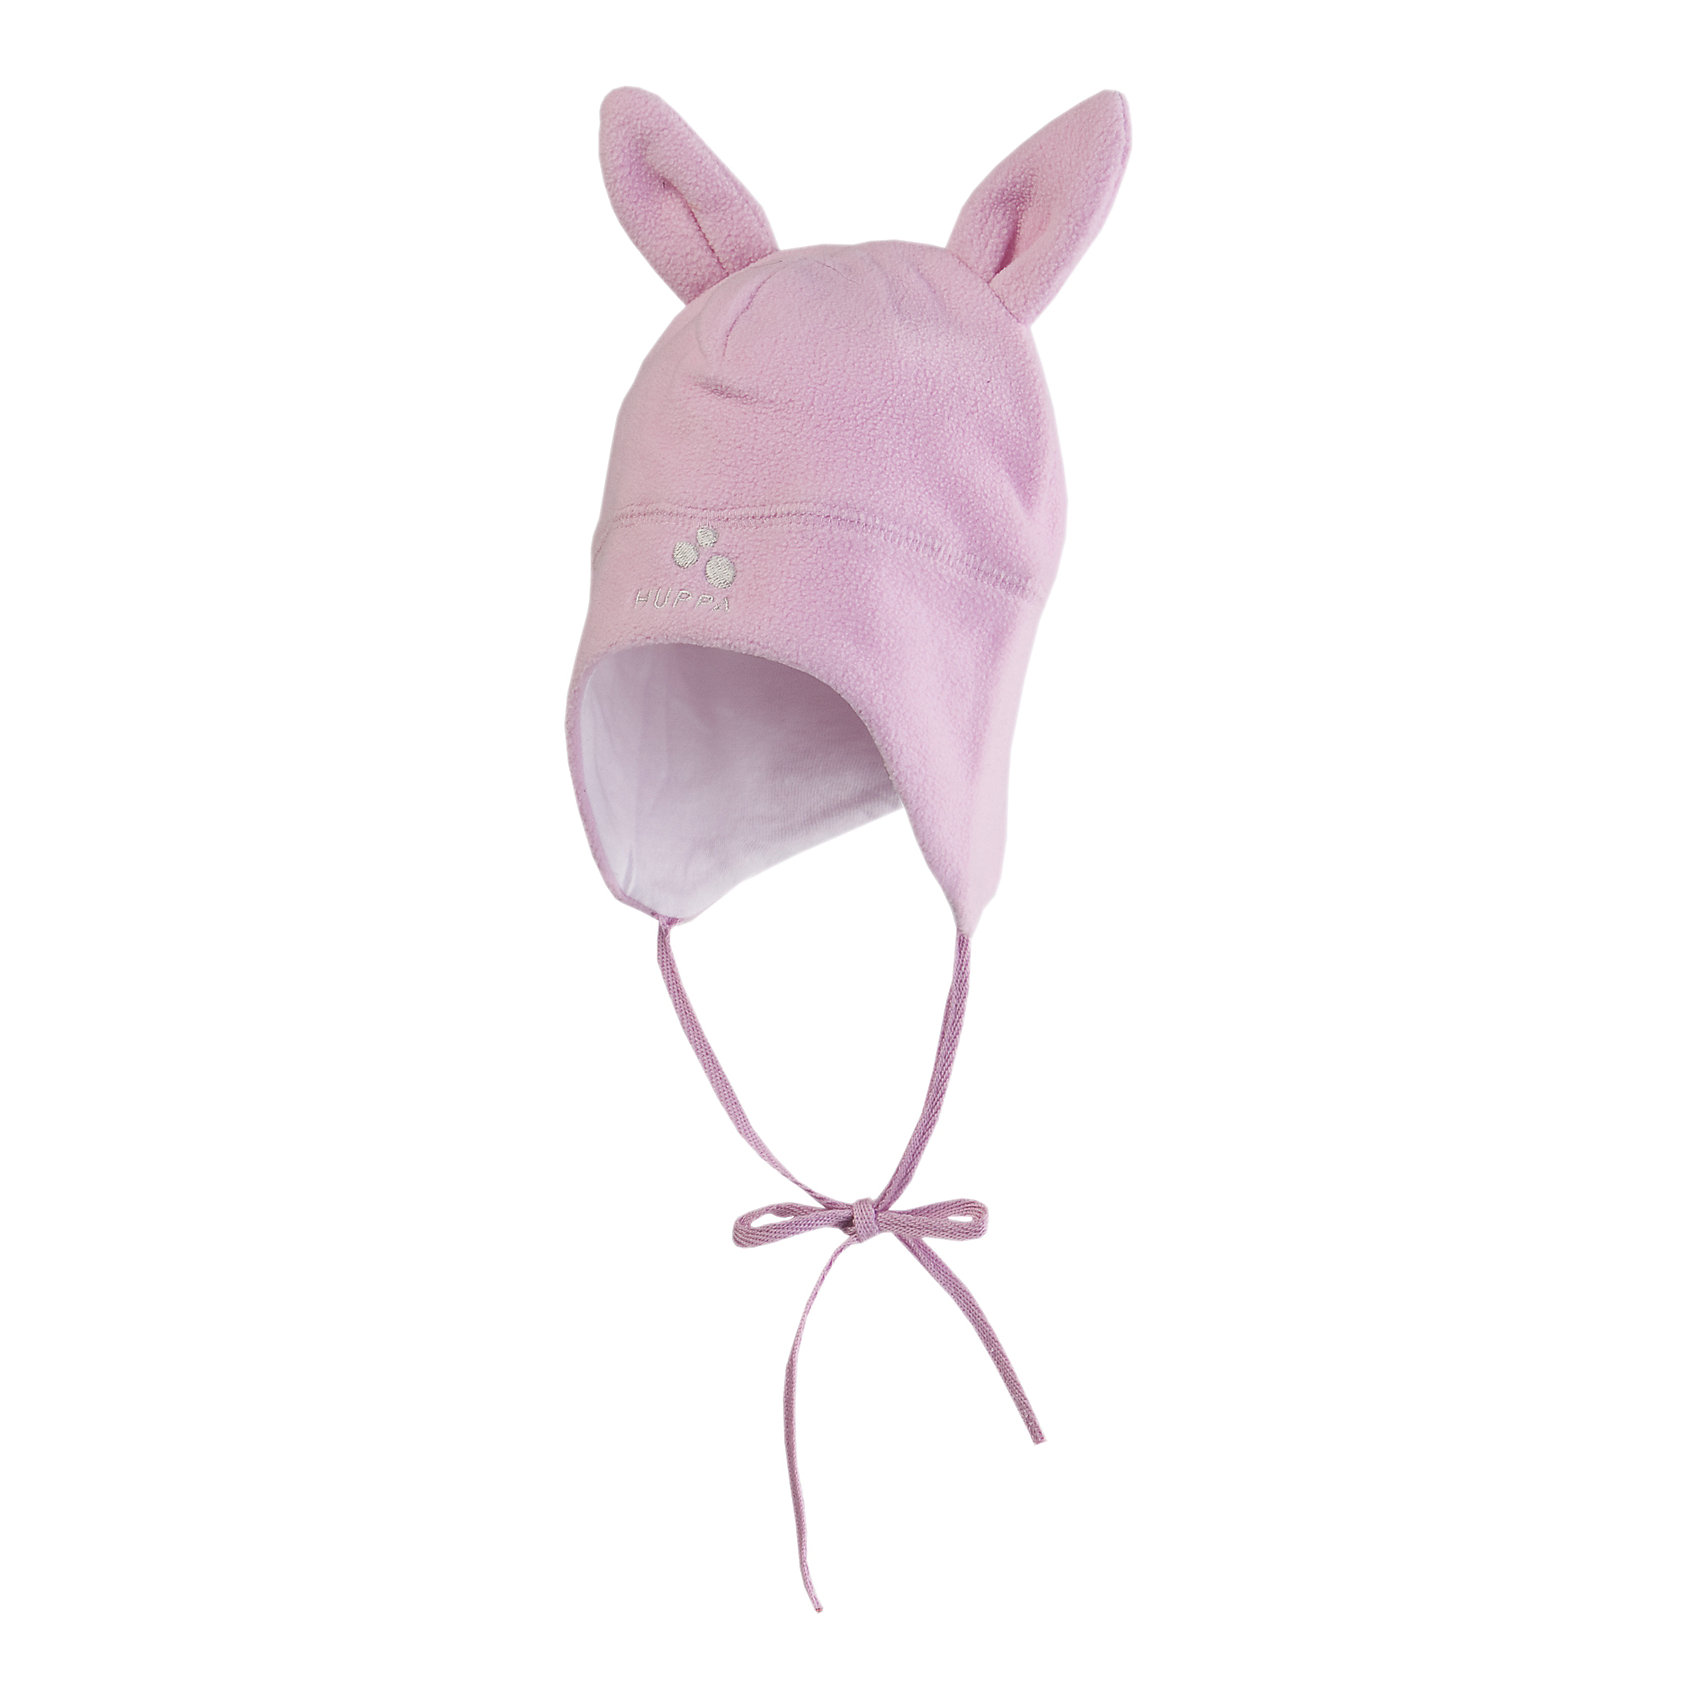 Шапка Winnie для девочки HuppaШапочки<br>Характеристики товара:<br><br>• цвет: розовый<br>• состав: 100% полиэстер (флис), подкладка - 100% хлопок<br>• температурный режим: от 0°С до +10°С<br>• завязки<br>• ушки<br>• можно надевать под капюшон<br>• декорирована вышивкой с логотипом<br>• комфортная посадка<br>• мягкий материал<br>• страна бренда: Эстония<br><br>Эта шапка обеспечит малышам тепло и комфорт. Она сделана из приятного на ощупь материала с мягким ворсом, поэтому изделие не колется и не натирает. Подкладка выполнена из дышащего и гипоаллергенного хлопка. Шапка очень симпатично смотрится, а дизайн и отделка добавляют ей оригинальности. Модель была разработана специально для малышей.<br><br>Одежда и обувь от популярного эстонского бренда Huppa - отличный вариант одеть ребенка можно и комфортно. Вещи, выпускаемые компанией, качественные, продуманные и очень удобные. Для производства изделий используются только безопасные для детей материалы. Продукция от Huppa порадует и детей, и их родителей!<br><br>Шапку для девочки от бренда Huppa (Хуппа) можно купить в нашем интернет-магазине.<br><br>Ширина мм: 89<br>Глубина мм: 117<br>Высота мм: 44<br>Вес г: 155<br>Цвет: синий<br>Возраст от месяцев: 9<br>Возраст до месяцев: 12<br>Пол: Женский<br>Возраст: Детский<br>Размер: 43-45,39-41,47-49,39-43<br>SKU: 4595882